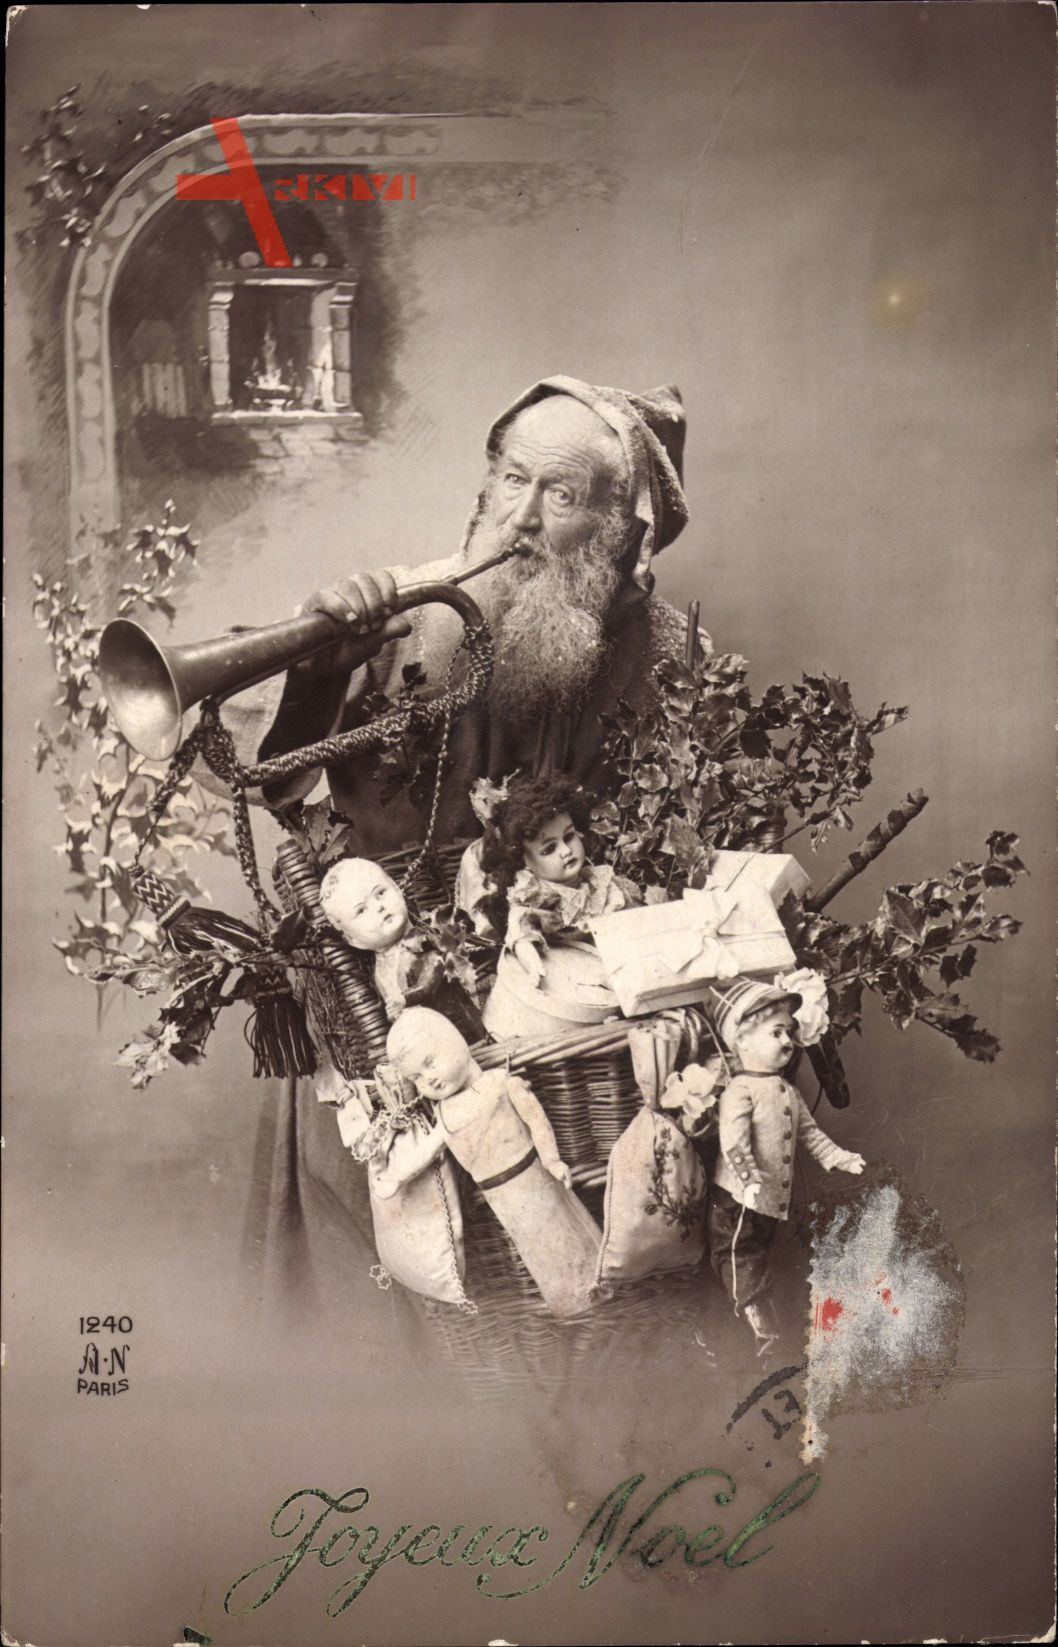 Frohe Weihnachten, Weihnachtsmann, Geschenke, Trompete